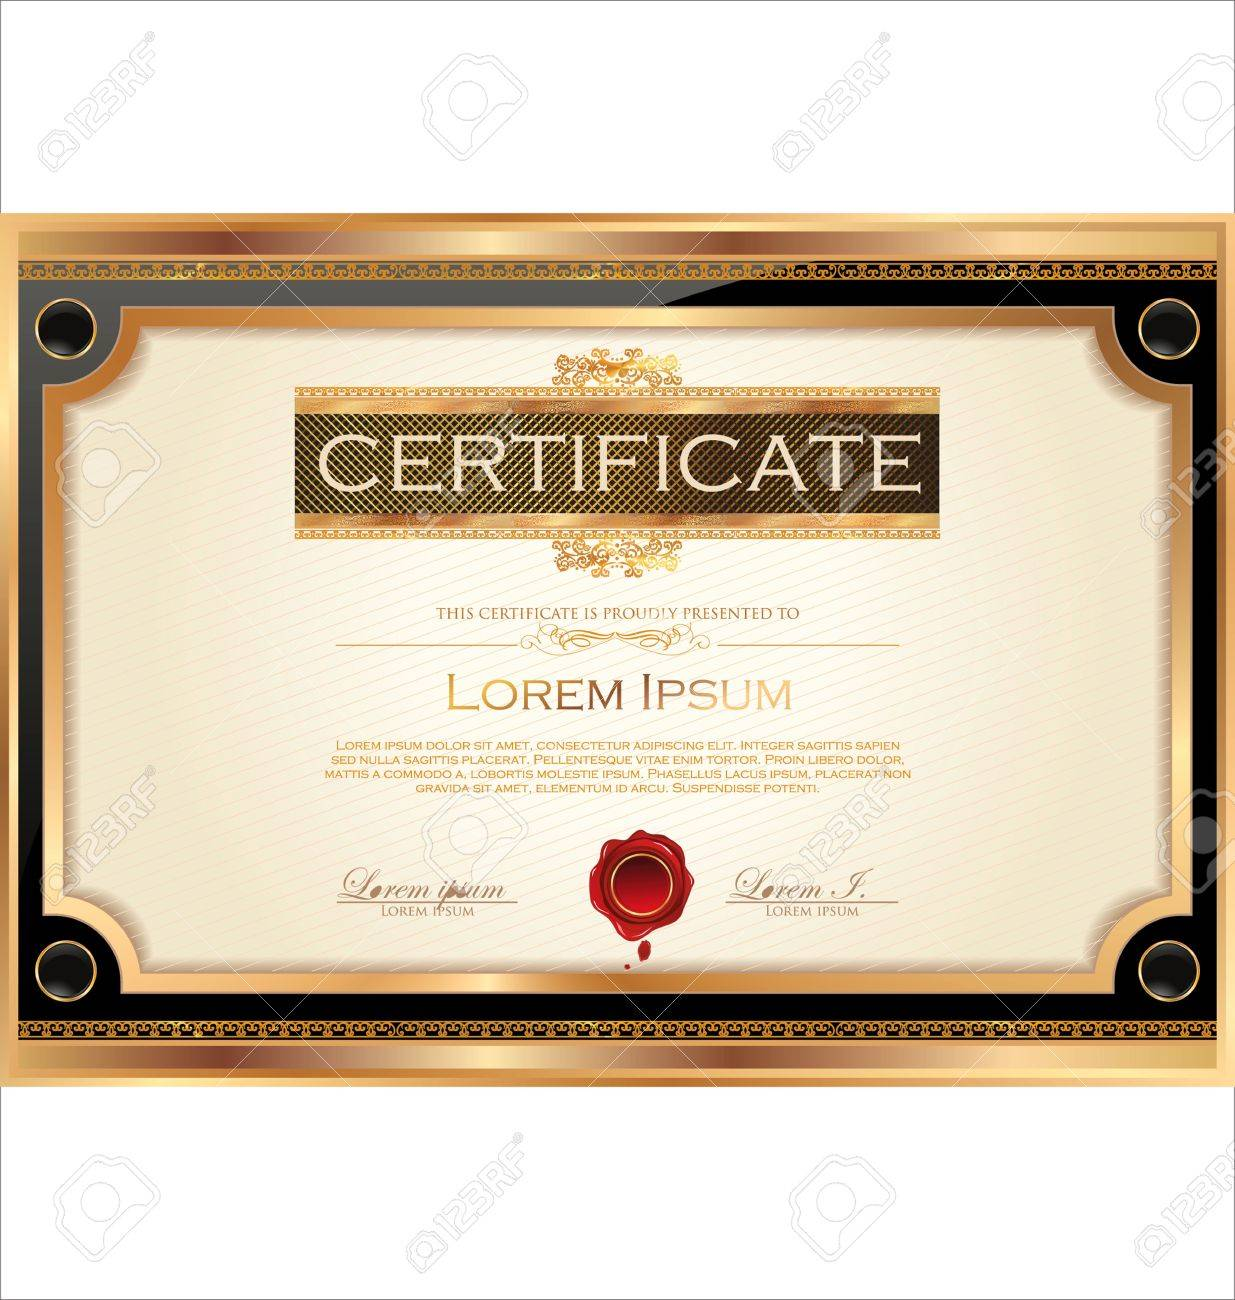 Gemütlich Beispiel Taufe Zertifikatvorlage Ideen - FORTSETZUNG ...